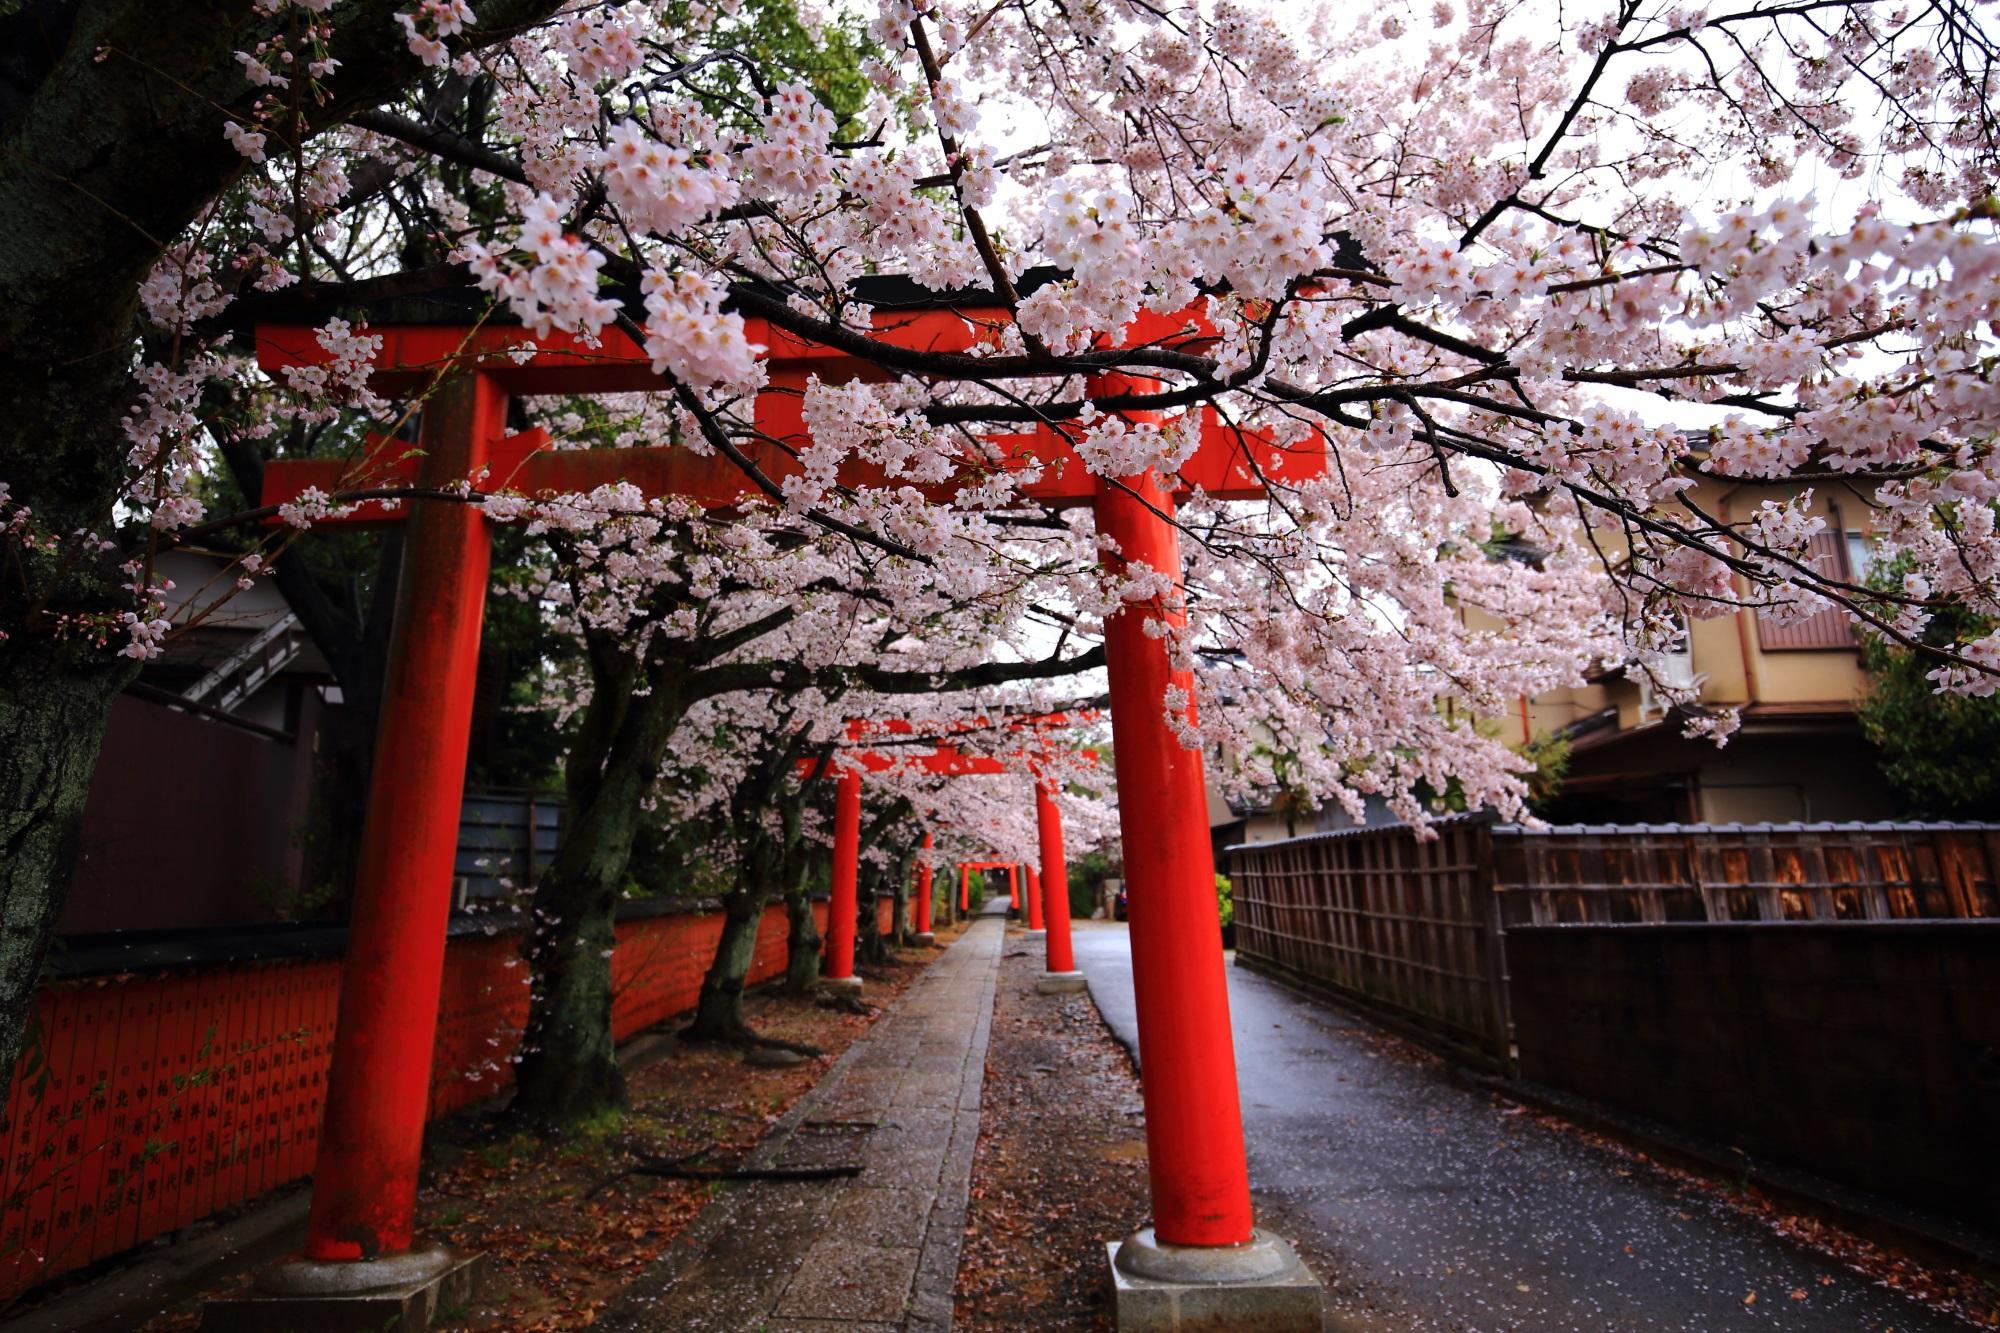 鳥居や参道沿いに咲く華やかな桜